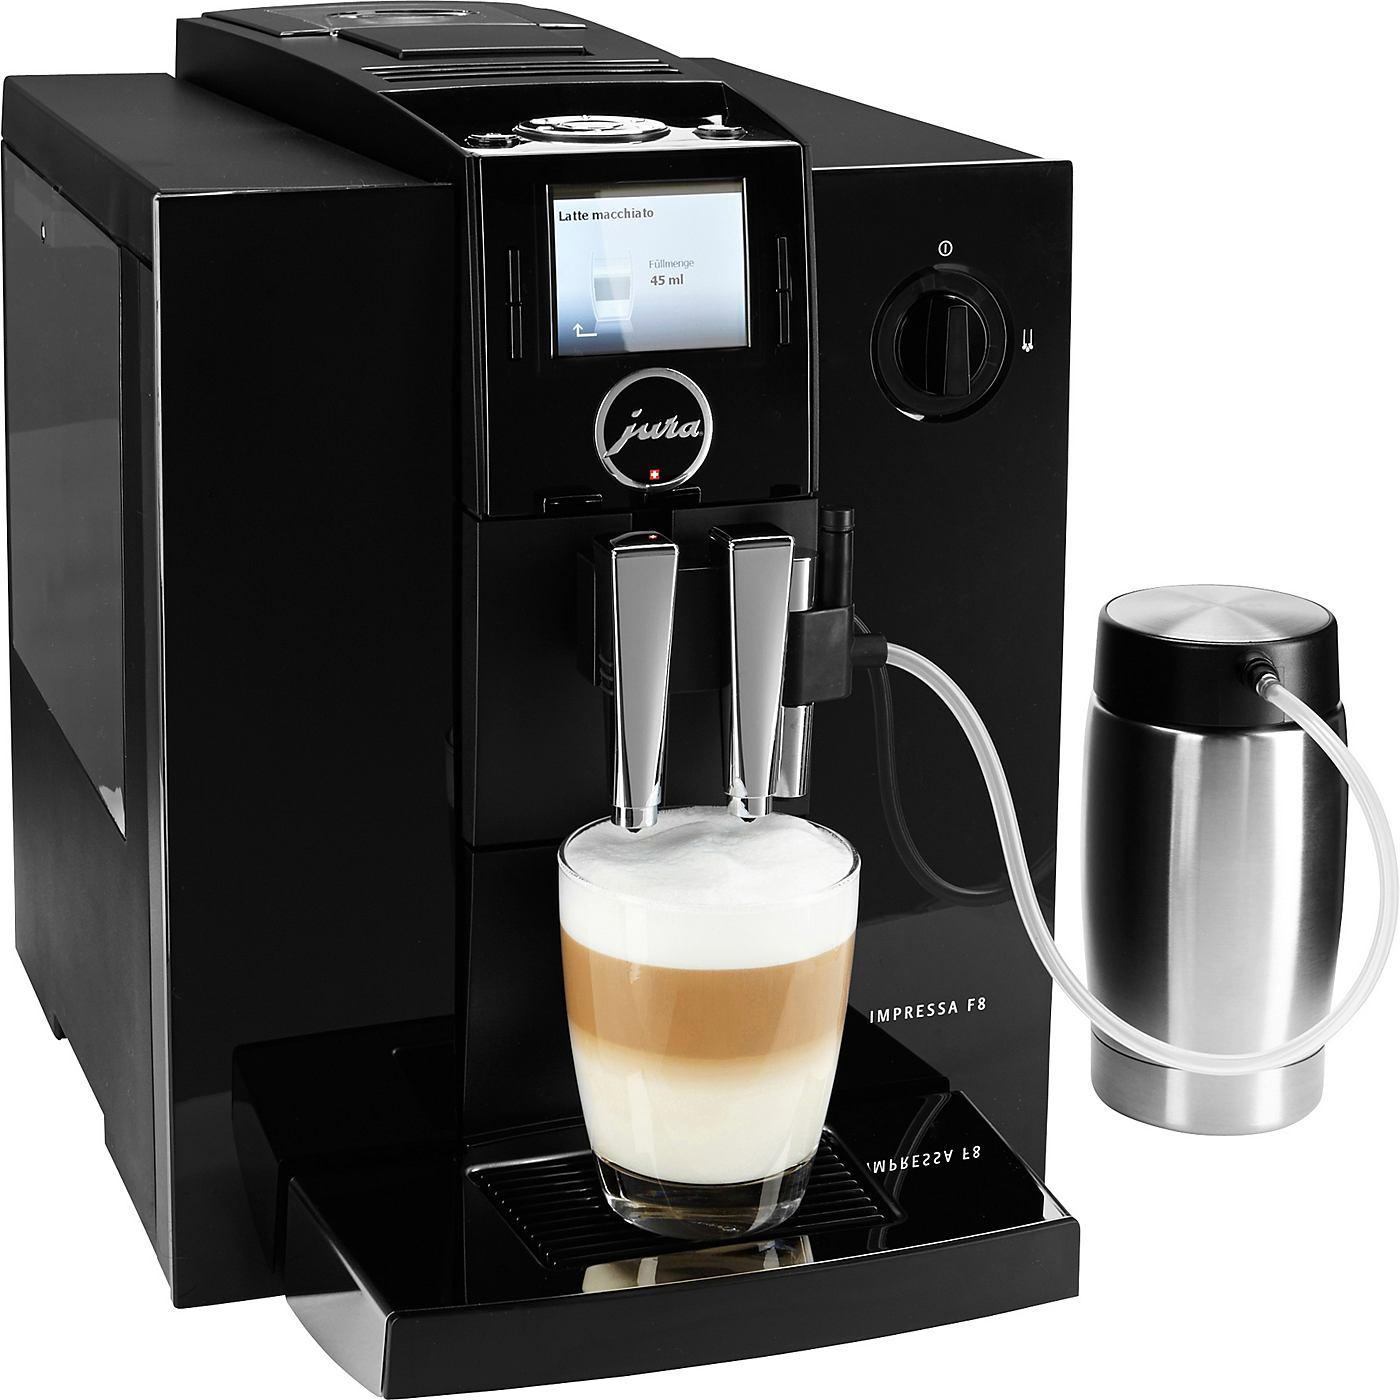 Jura Espresso-/Kaffee-Vollautomat IMPRESSA F8 TFT